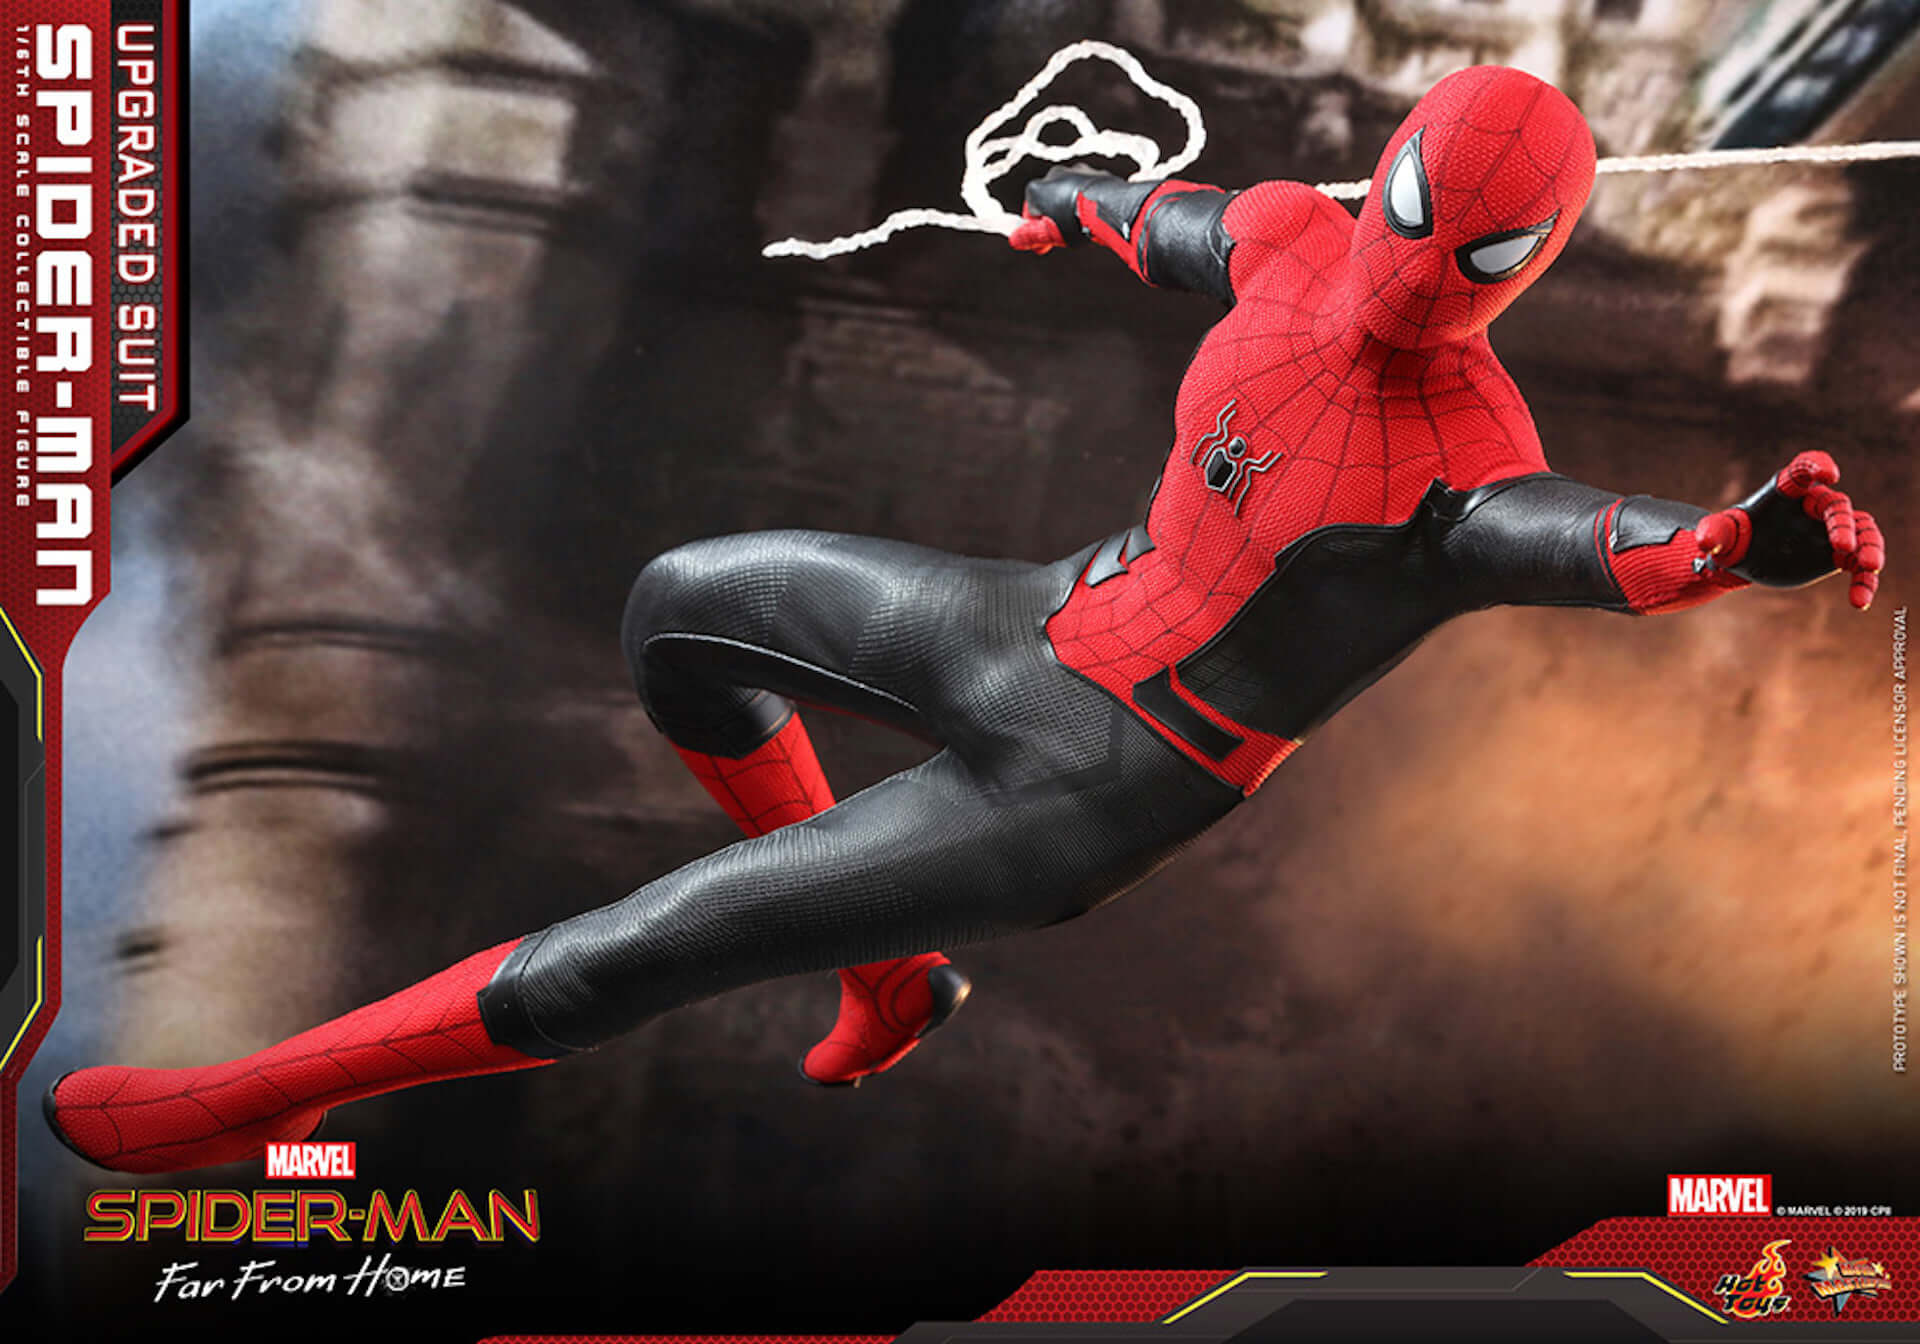 新生スパイダーマン誕生!『スパイダーマン:ファー・フロム・ホーム』のアップグレードスーツが完全フィギュア化 film190702_sffh_upgrade_main-1920x1344